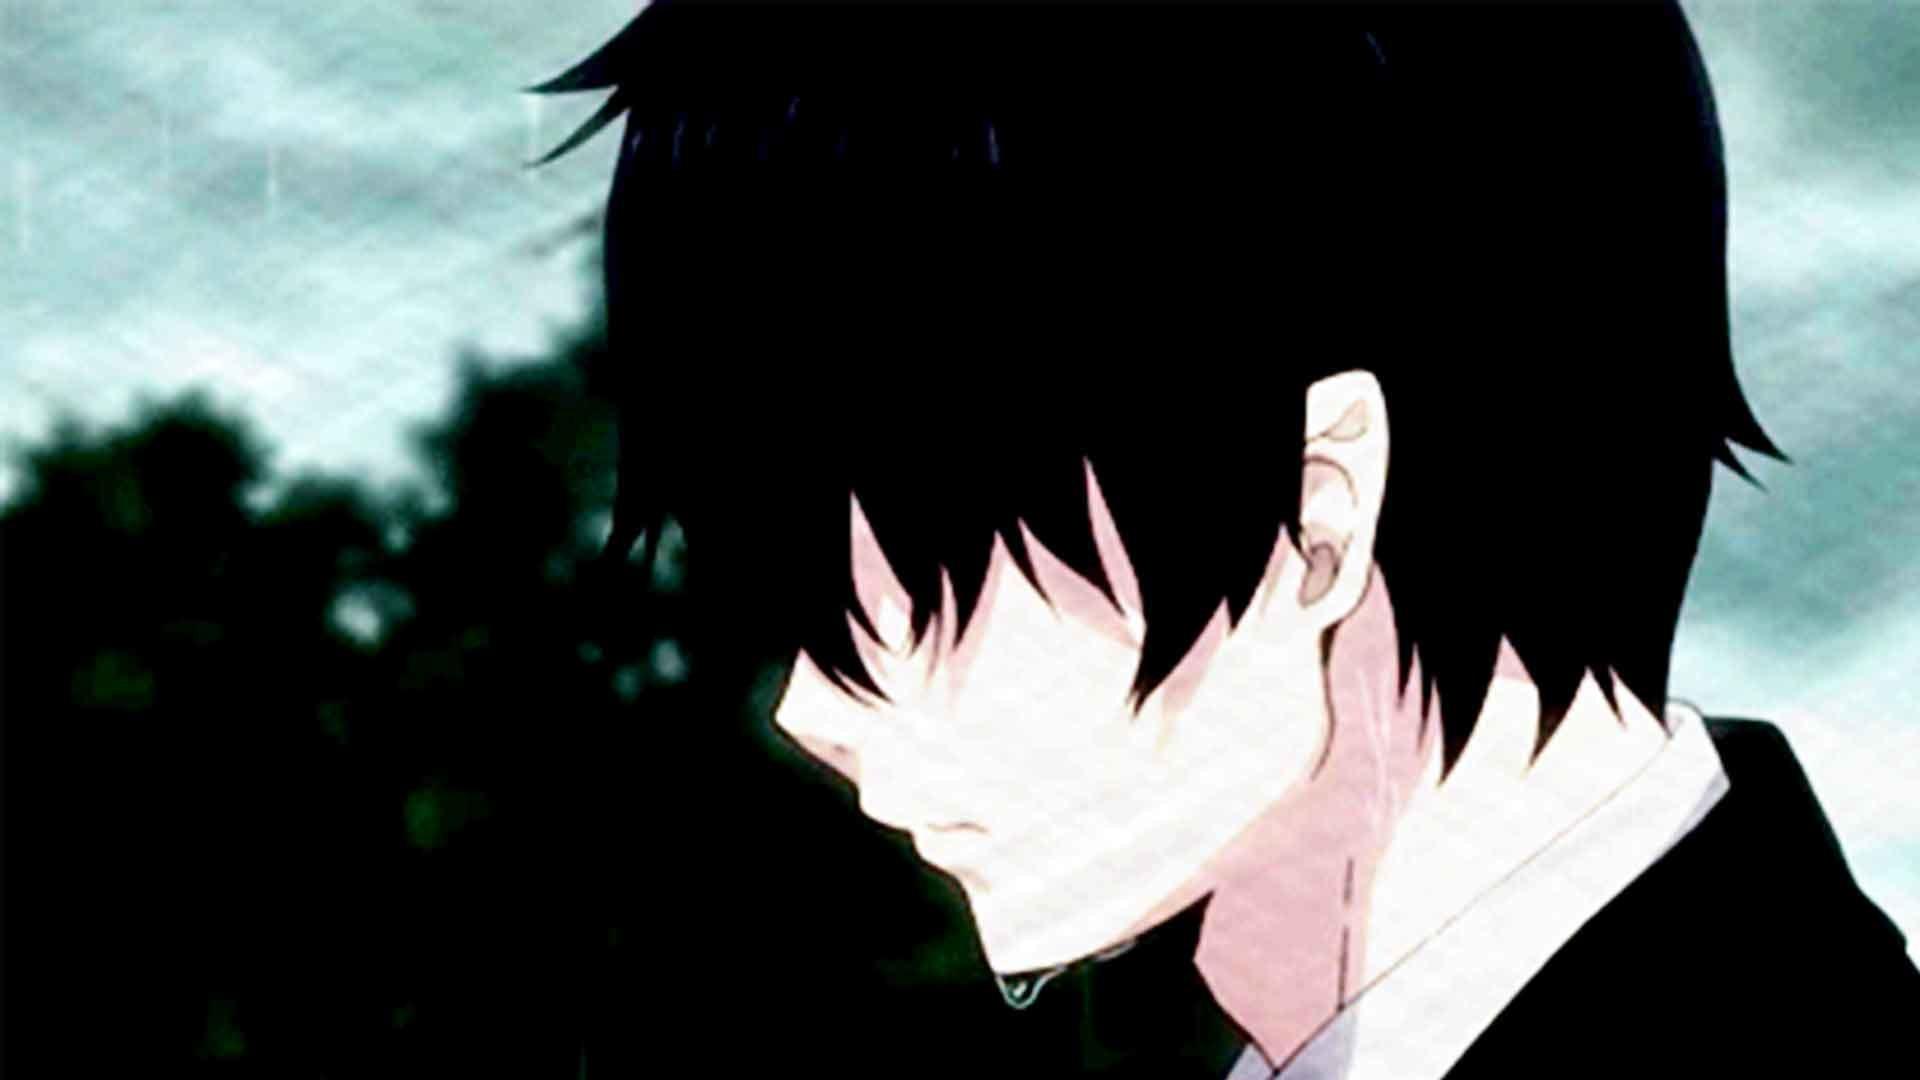 anime boy in rain